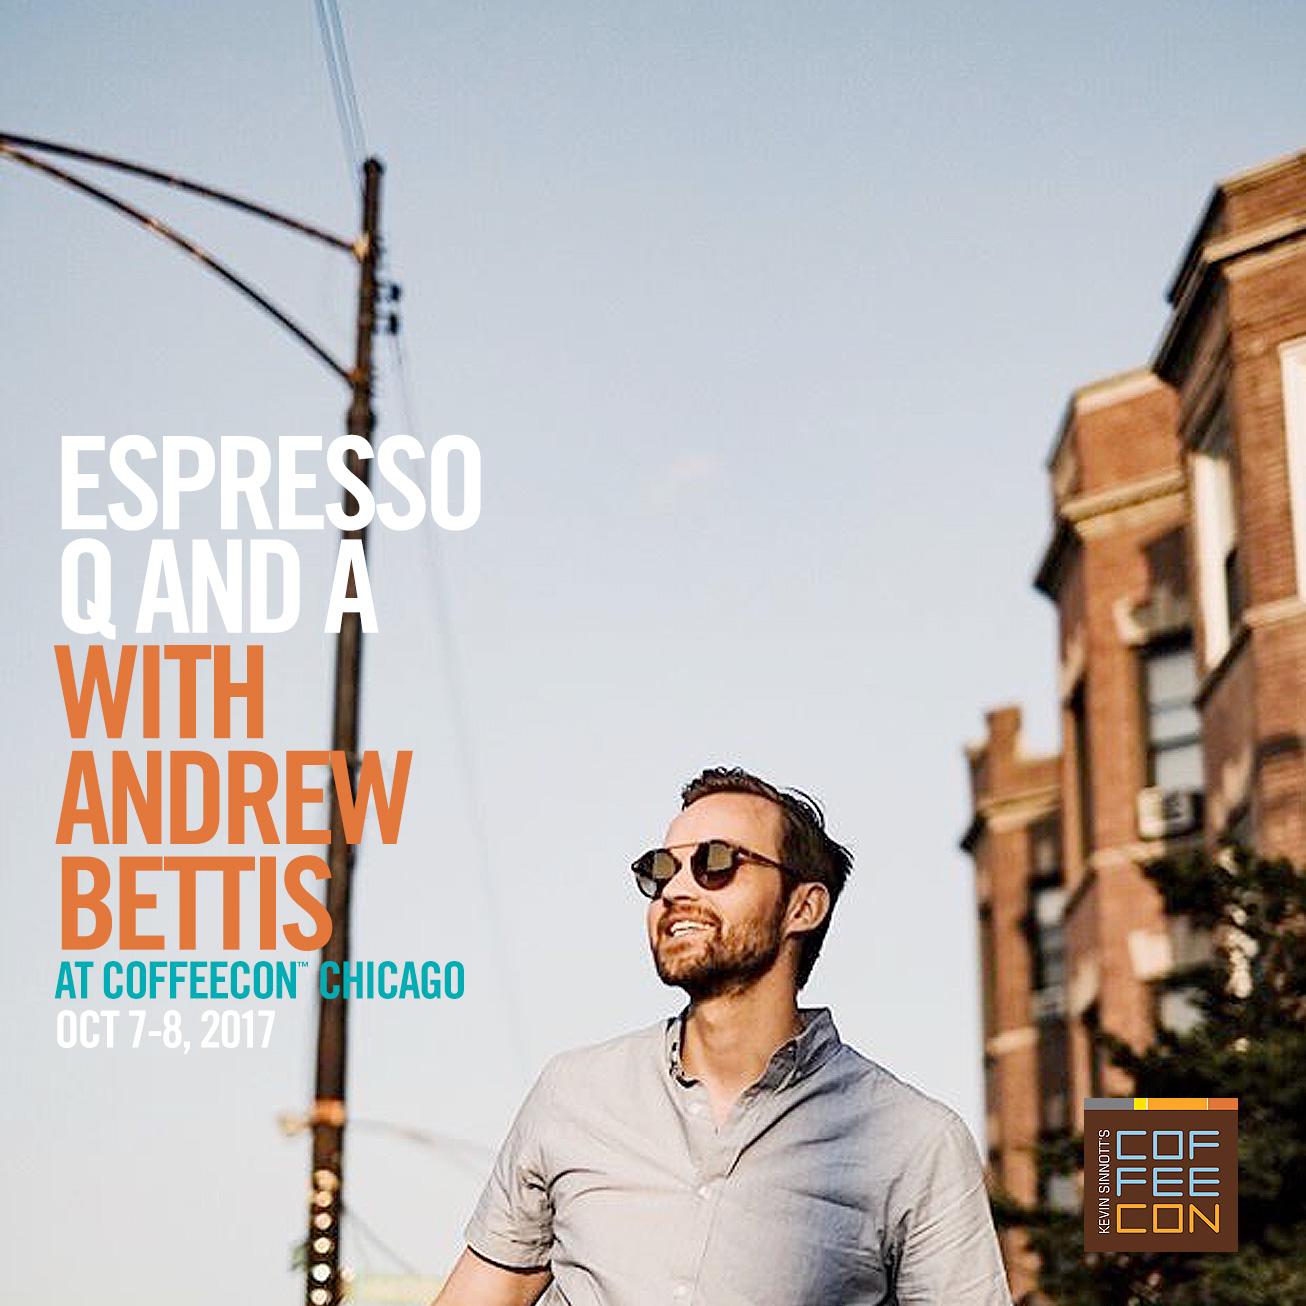 Espresso Q & A at CoffeeCon Chicago 2017